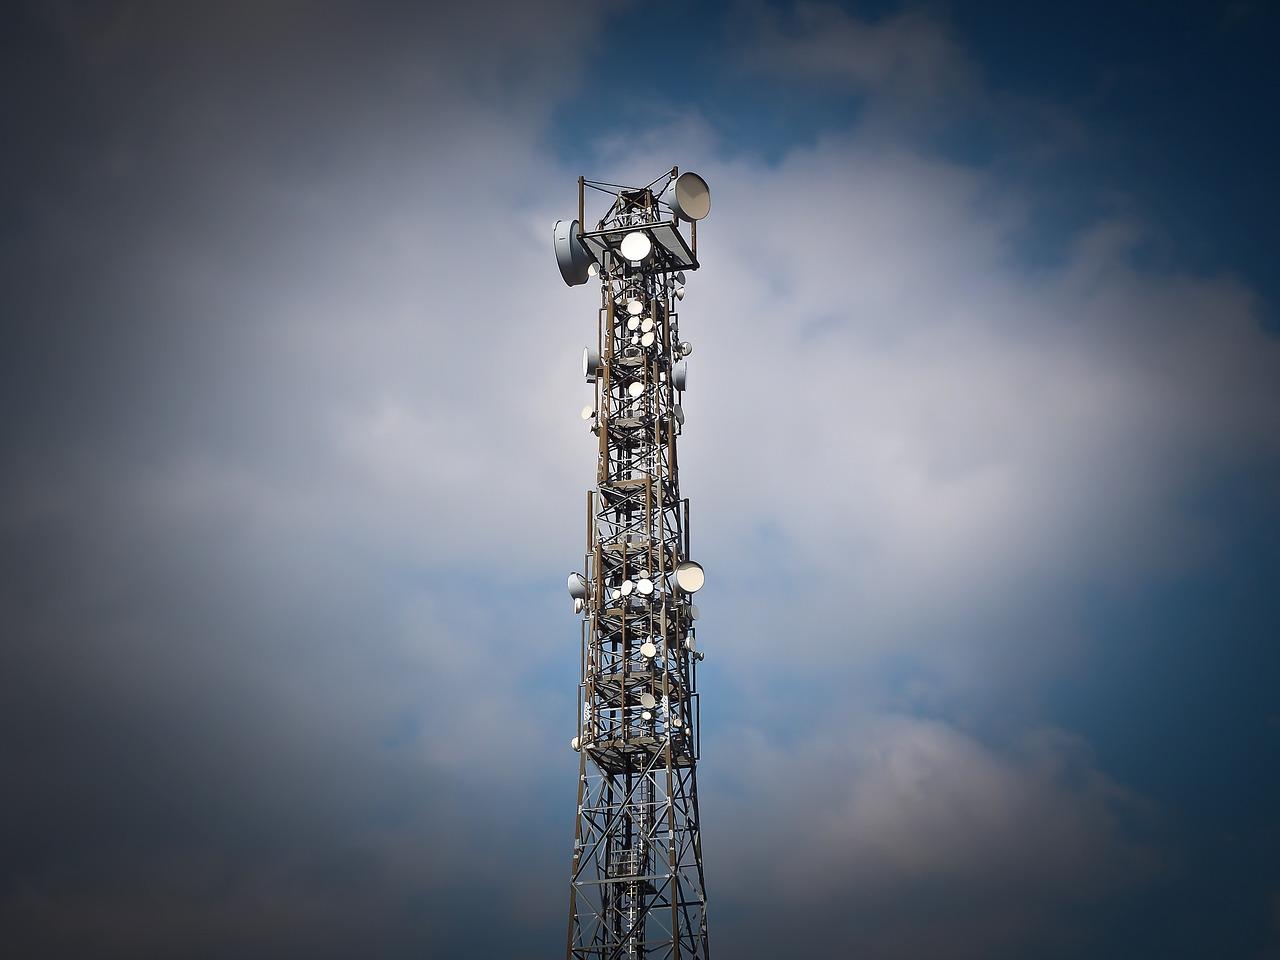 Operadoras poderão financiar leilão da 5G com debêntures incentivadas